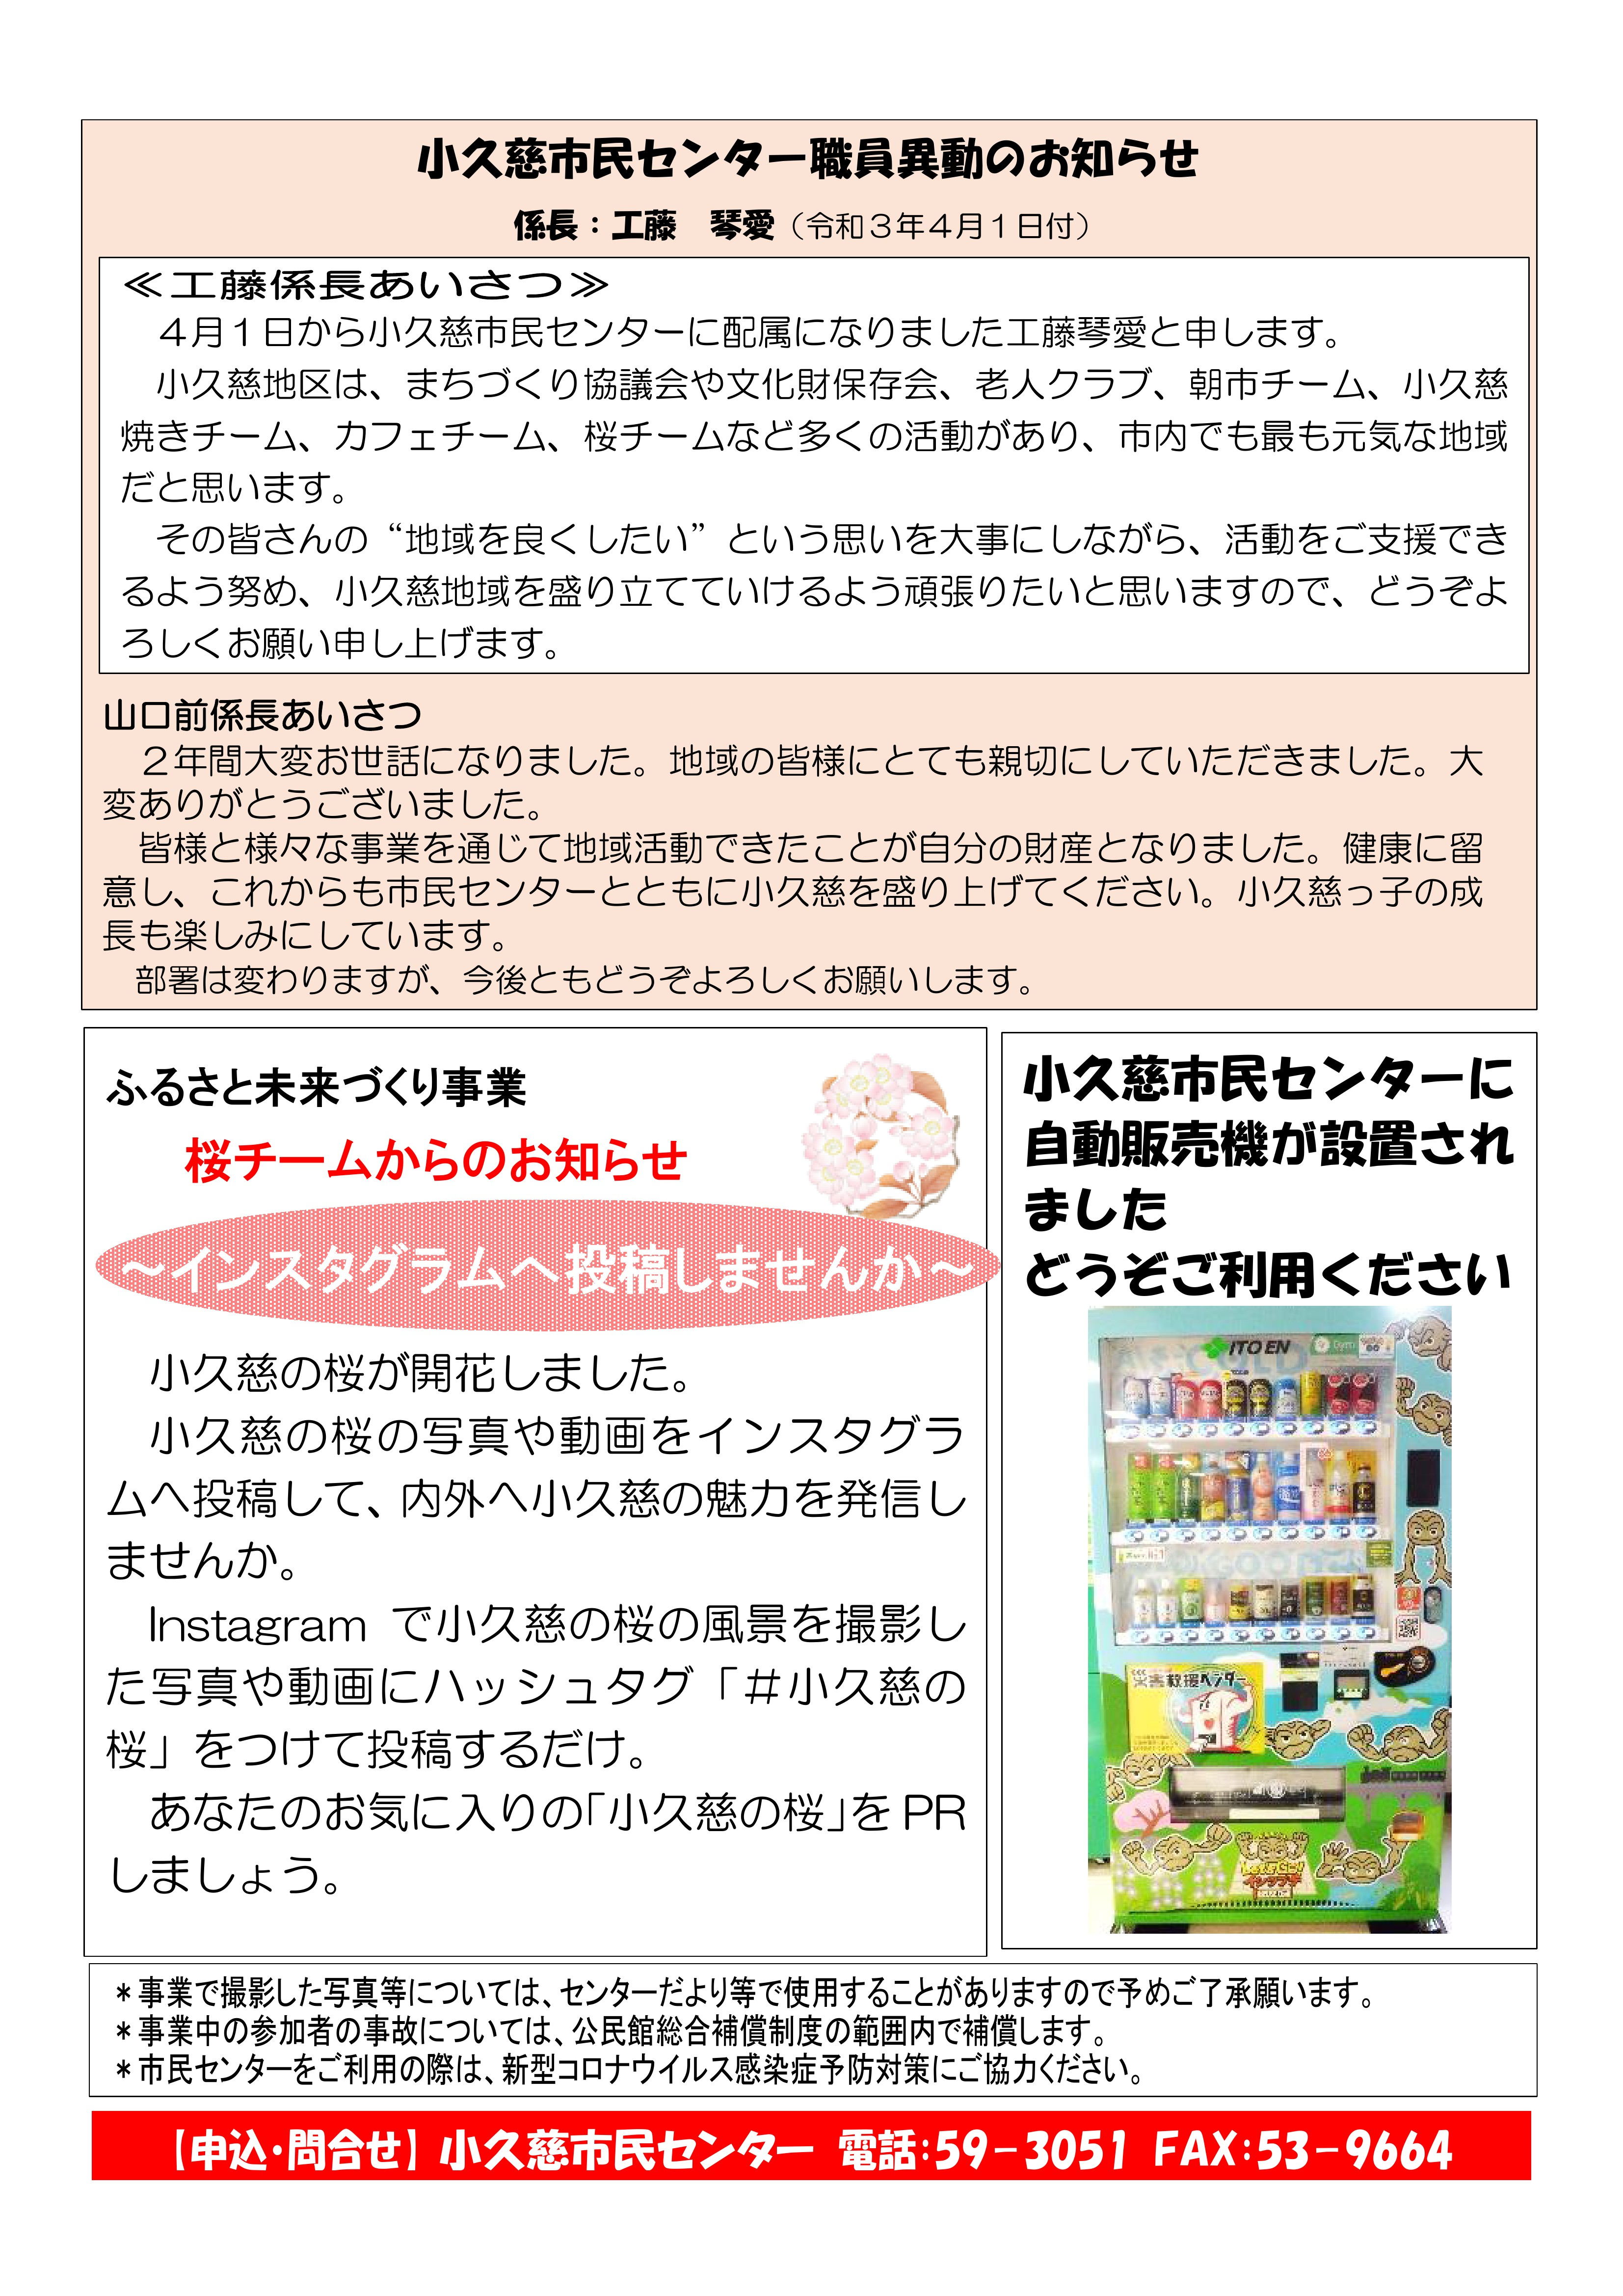 小久慈市民センター報(令和3年4月15日号)2ページ